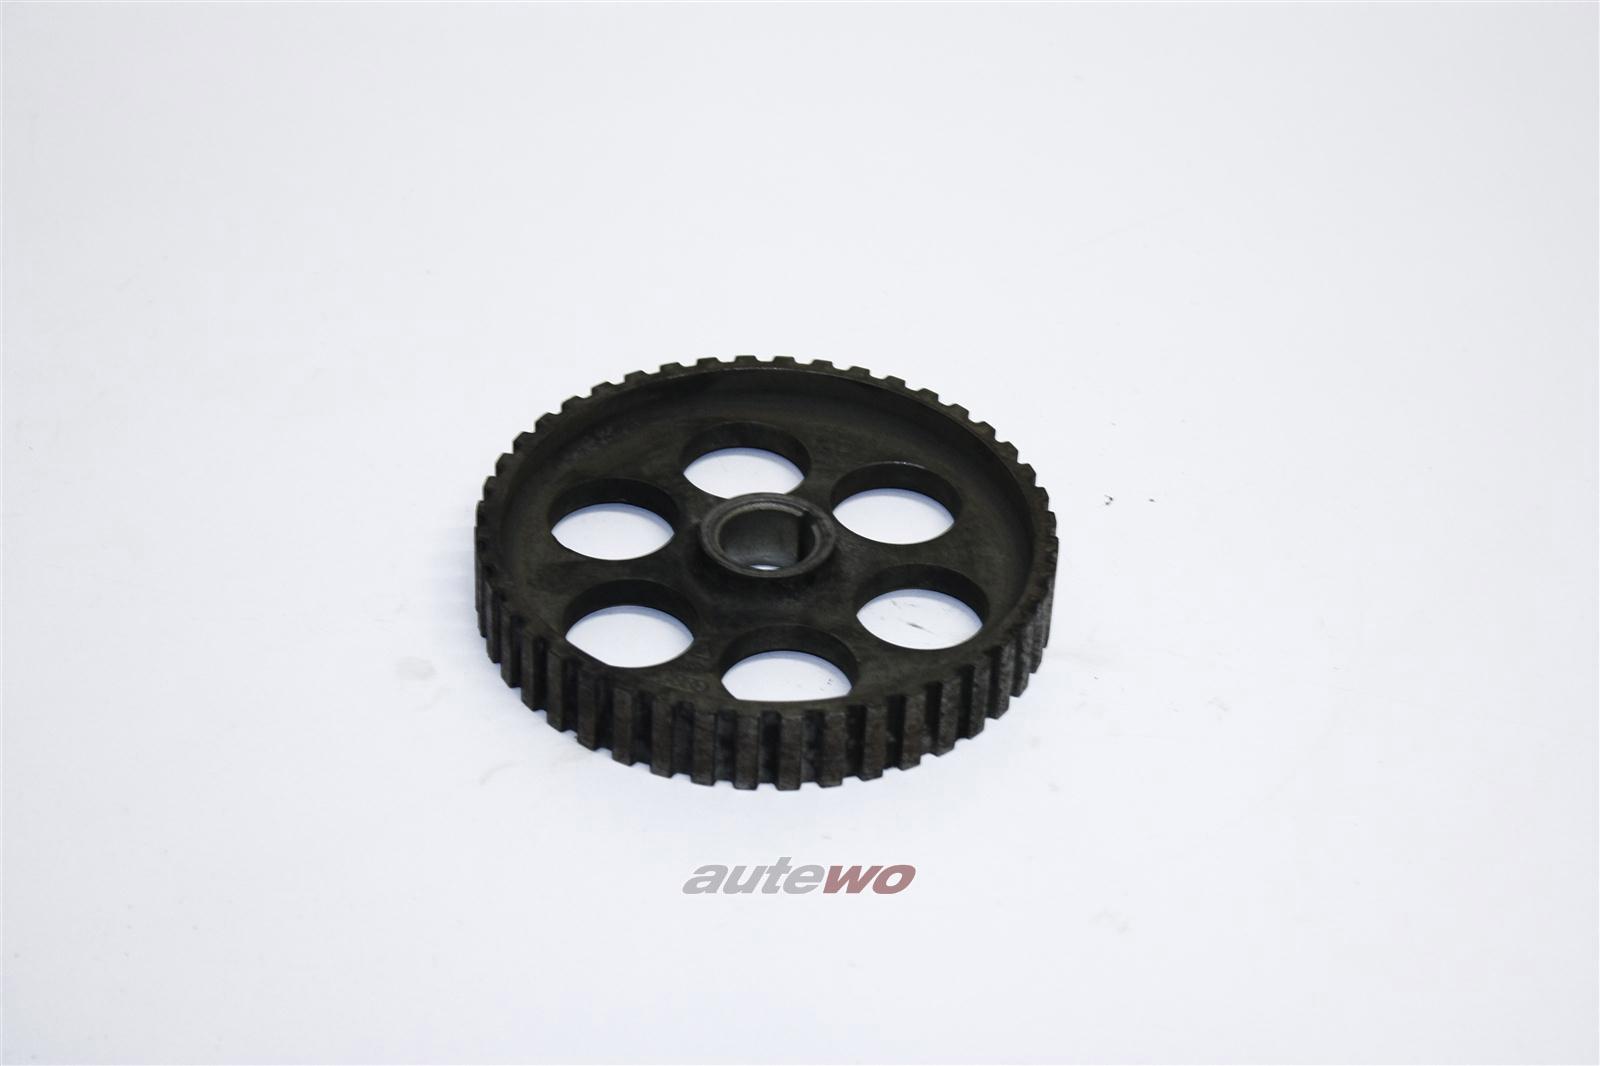 Audi 80/100 1.6-2.0l div. 4 Zylinder Zahnriemenscheibe 049109111C 049109111A